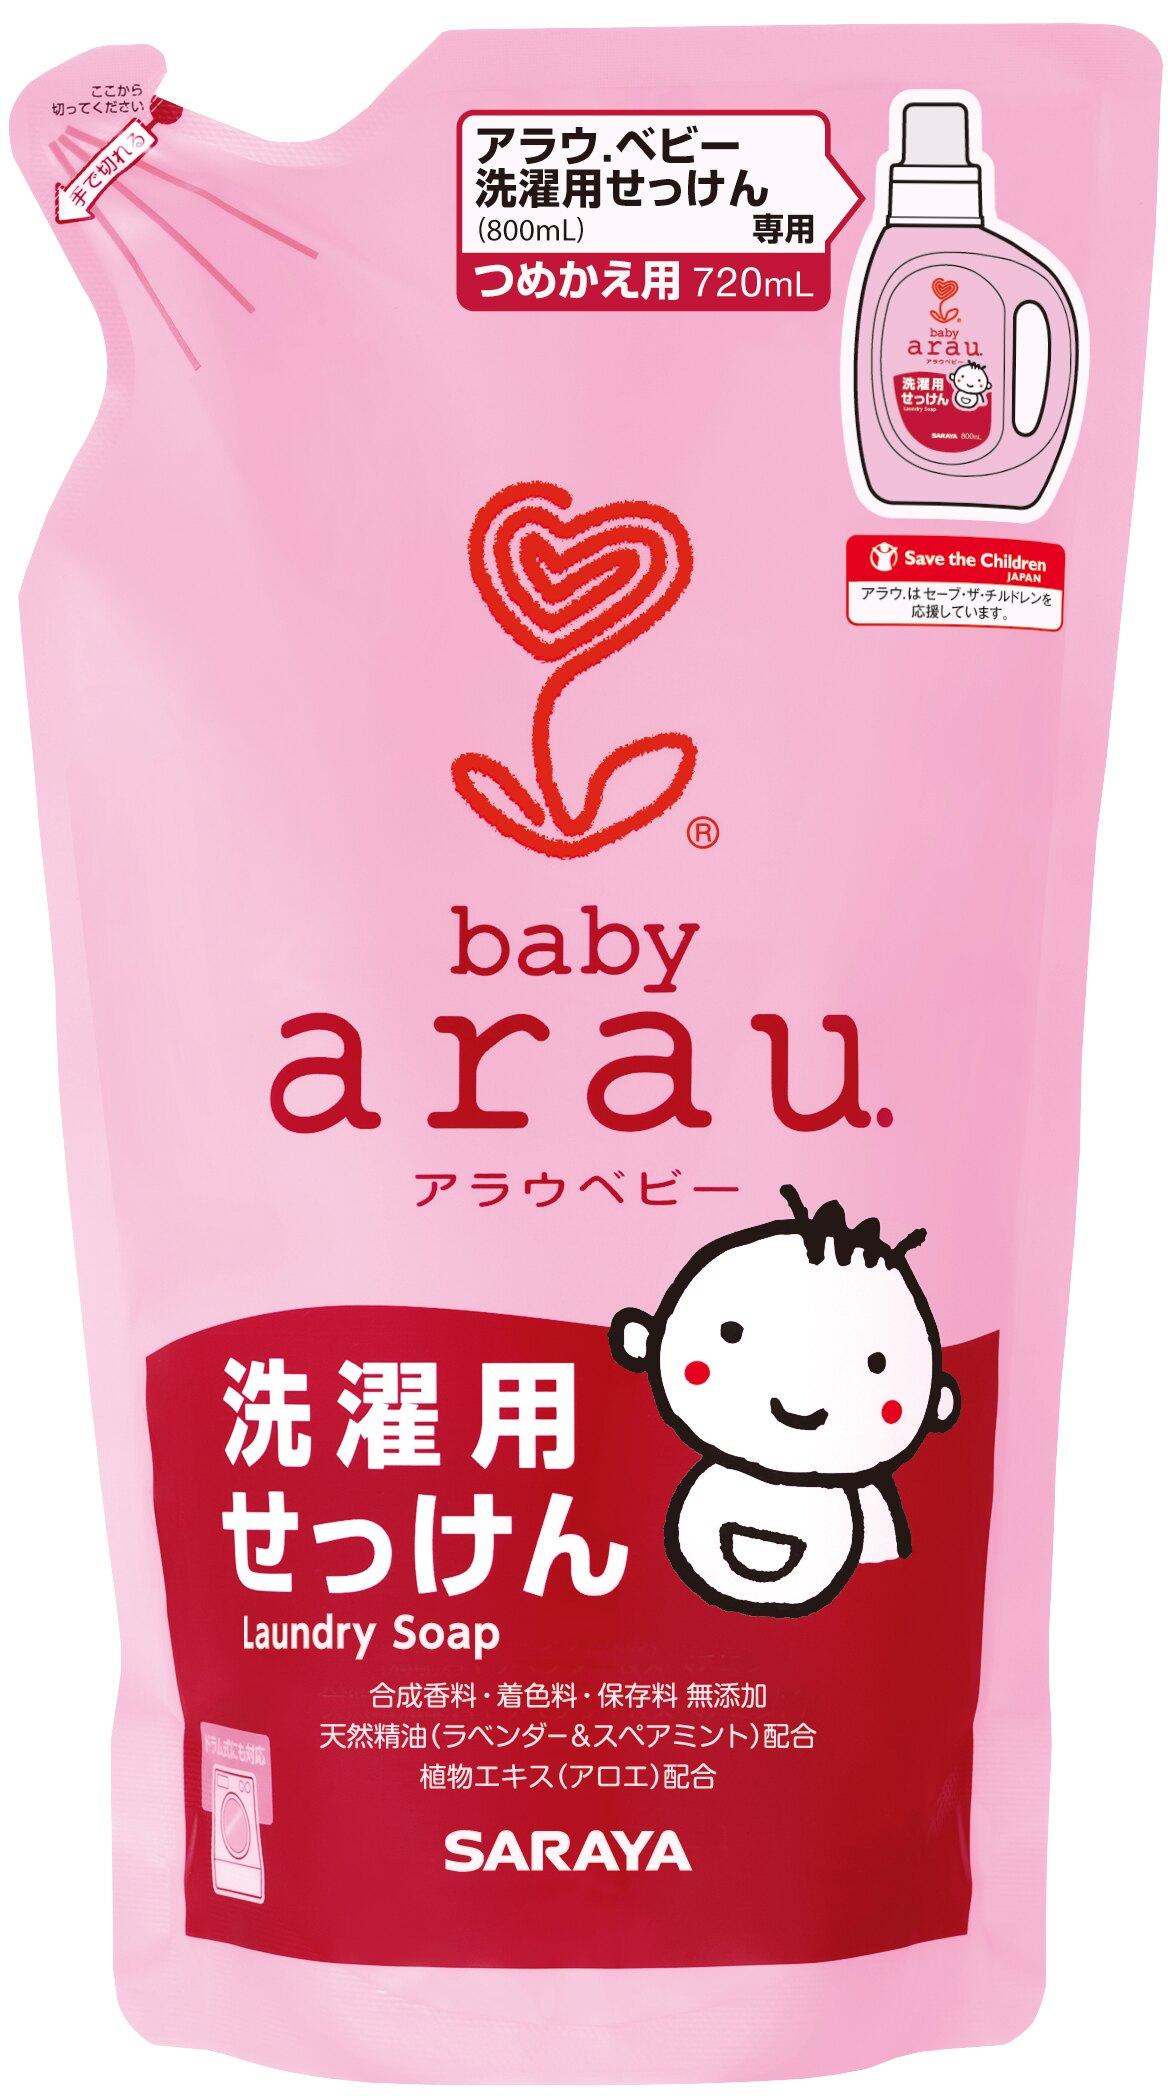 【紫貝殼】日本 SARAYA arau.baby 無添加洗衣液補充包 720mL【適合0~12個月大的小嬰兒衣物使用】   賺分紅